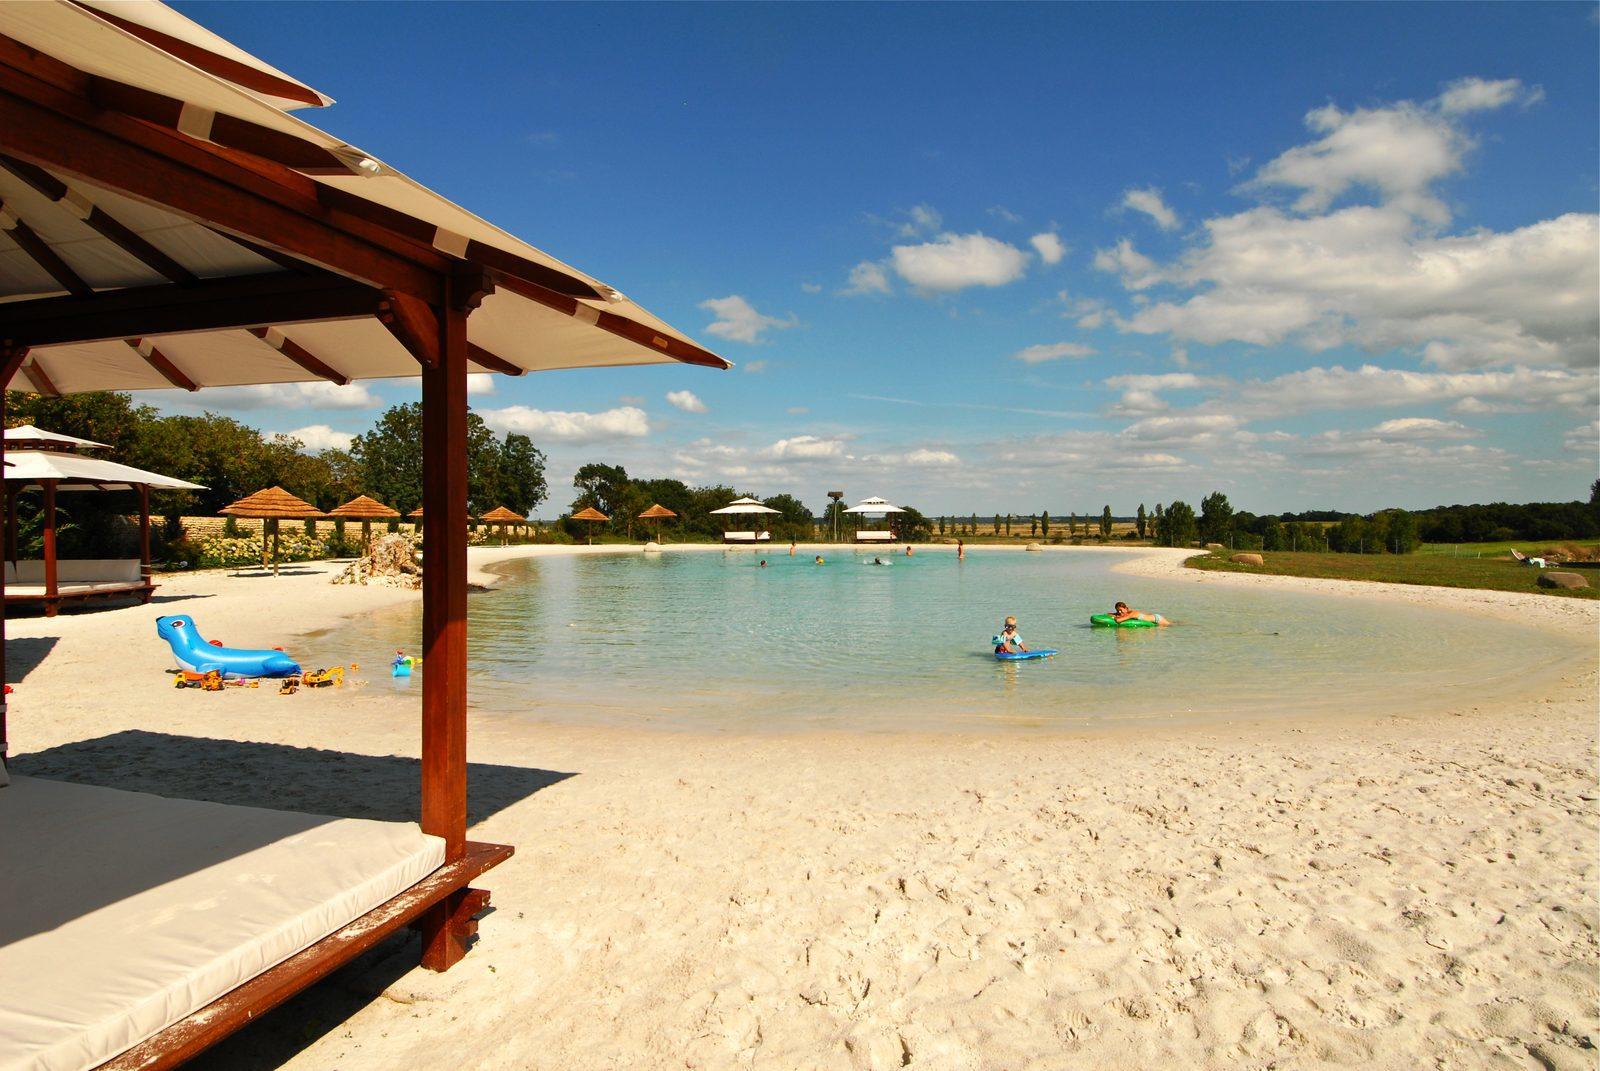 Frankrijk, Charente Maritime, Saint Just-Luzac, kleinschalig, vakantiepark, luxe, villa's, zwembad